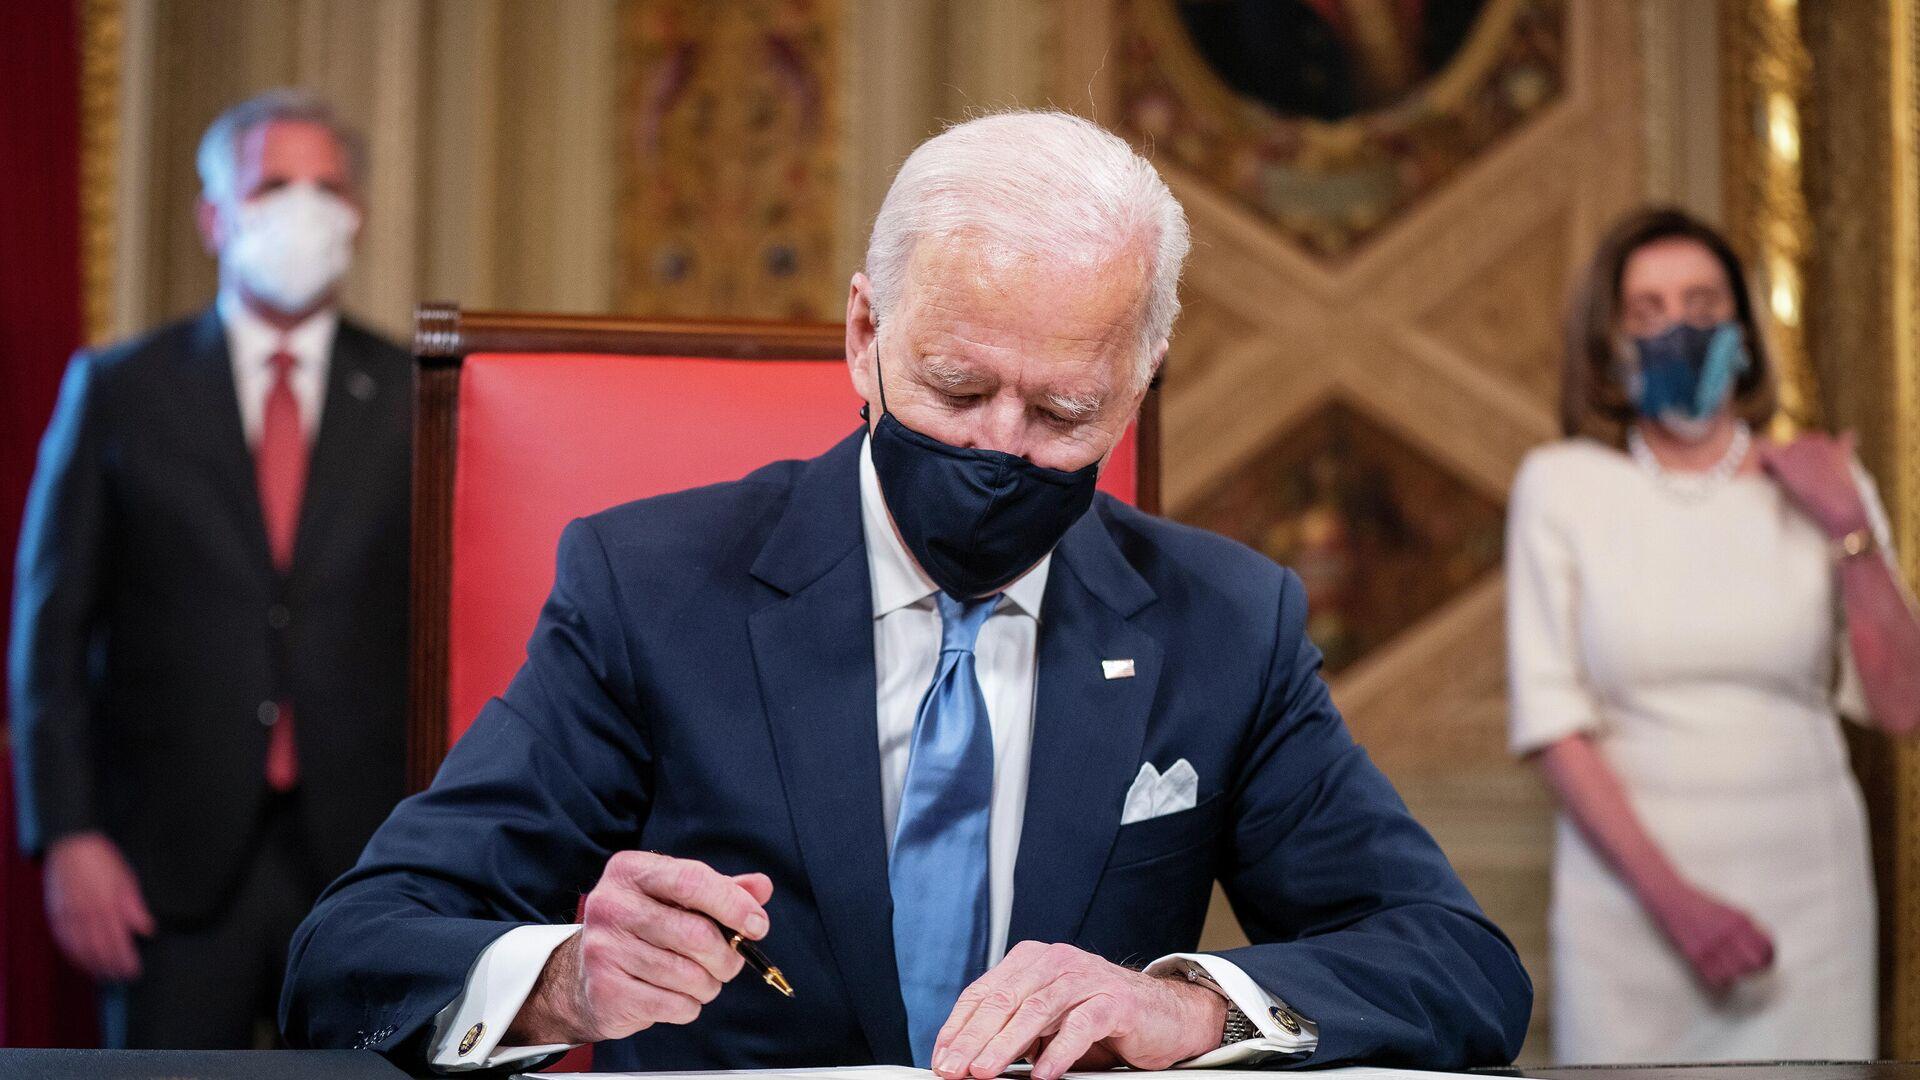 Президент США Джо Байден подписывает документы в Президентской комнате Капитолия США после церемонии инаугурации - РИА Новости, 1920, 22.01.2021